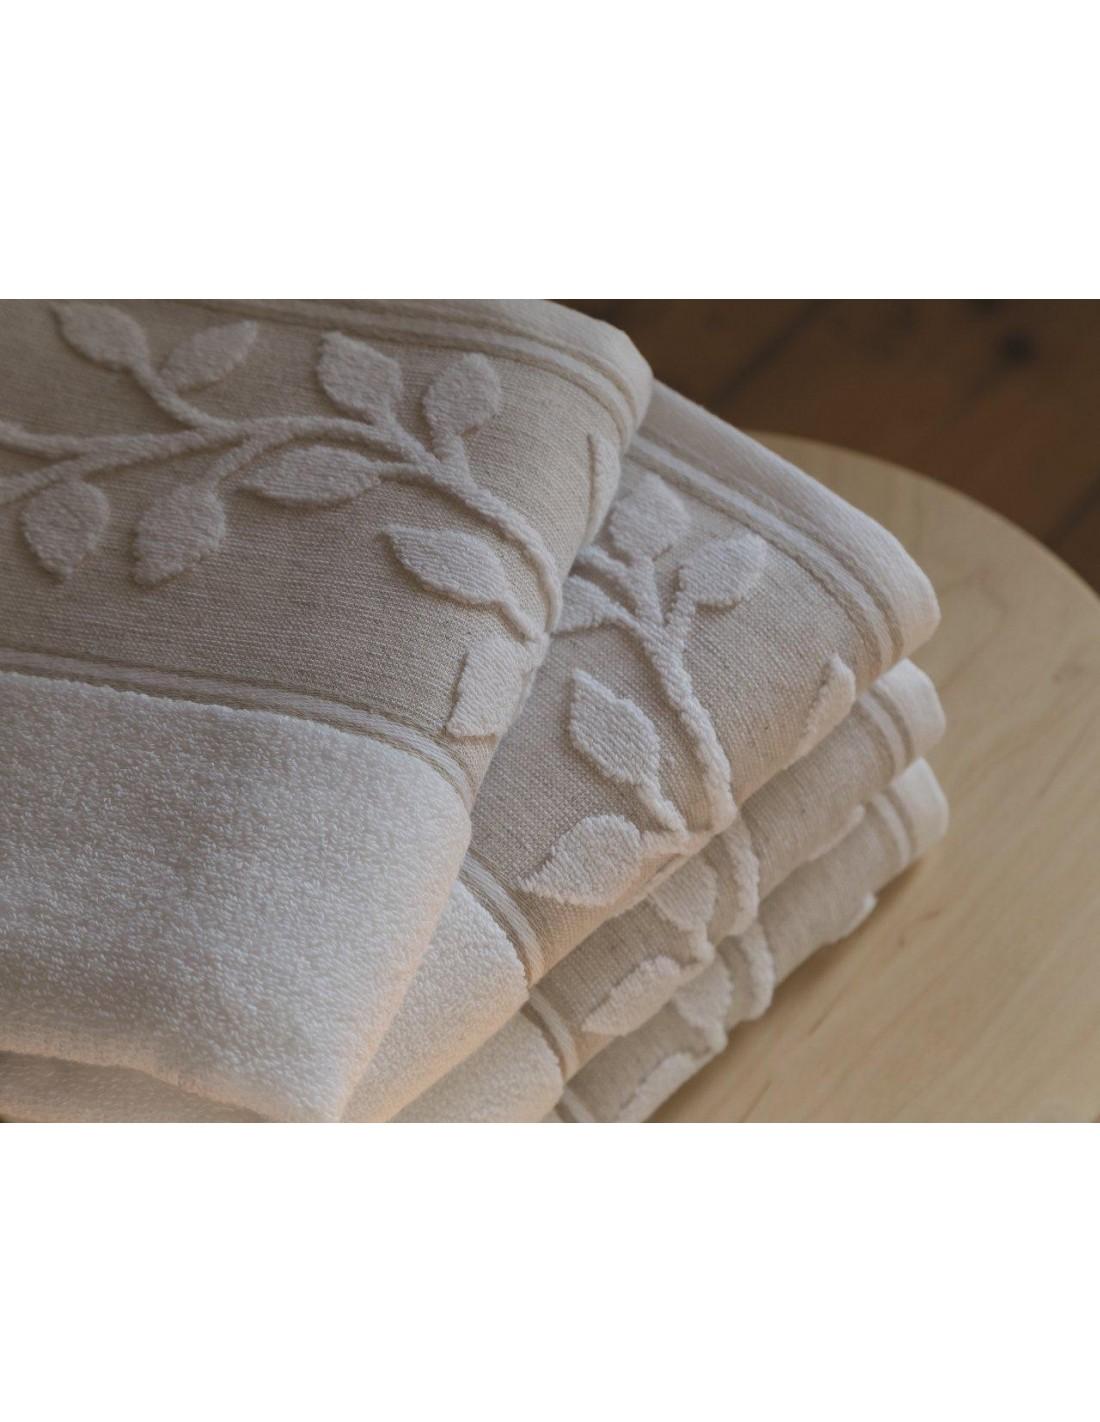 Comprar juego de toallas en micro algod n y lino natural portugal natura toallas - Toallas de algodon ...